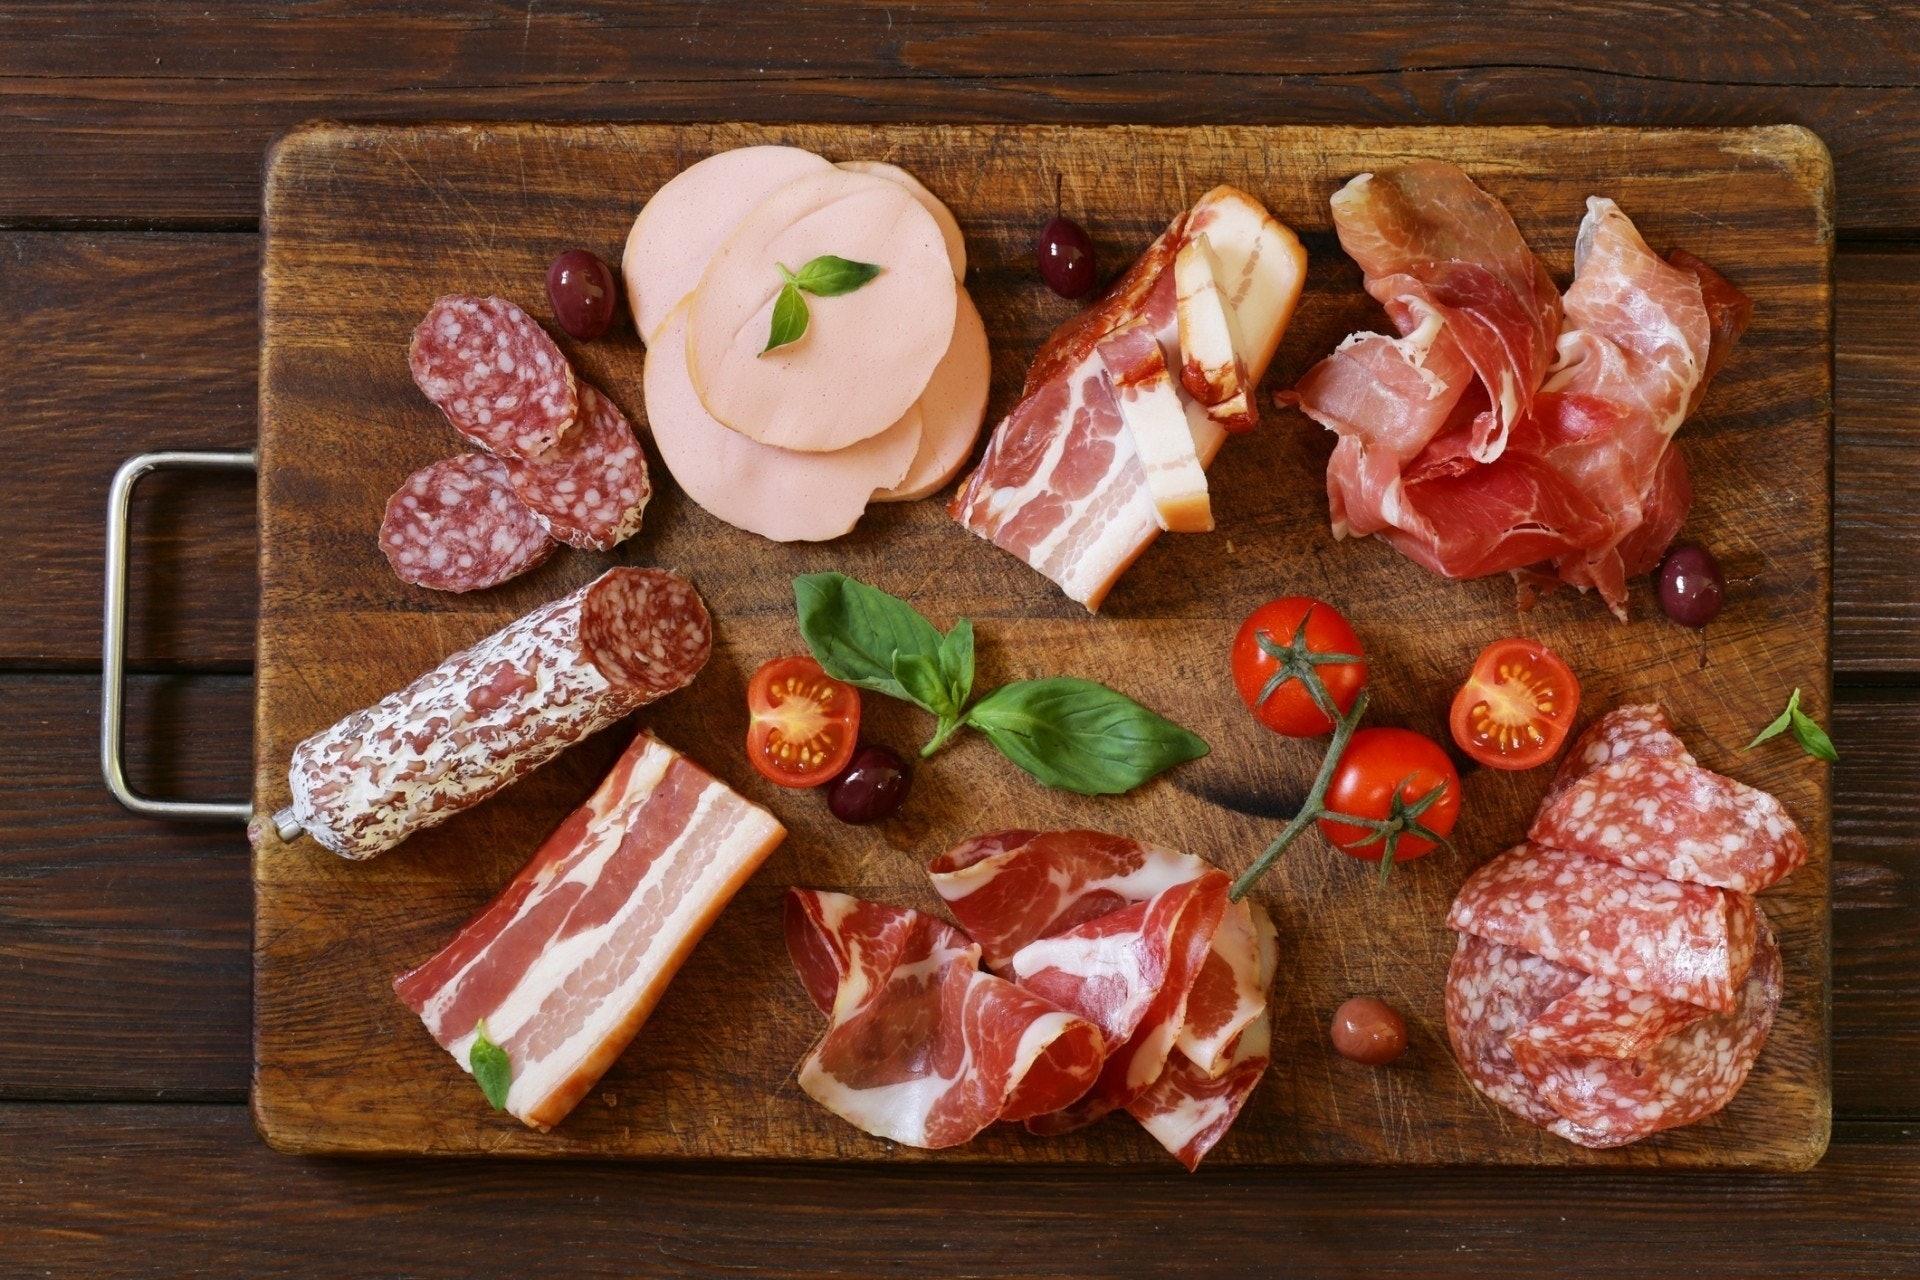 加工食品對人體壞處多,除了嘌呤之外亦容易致癌,不建議常吃。(GettyImages)